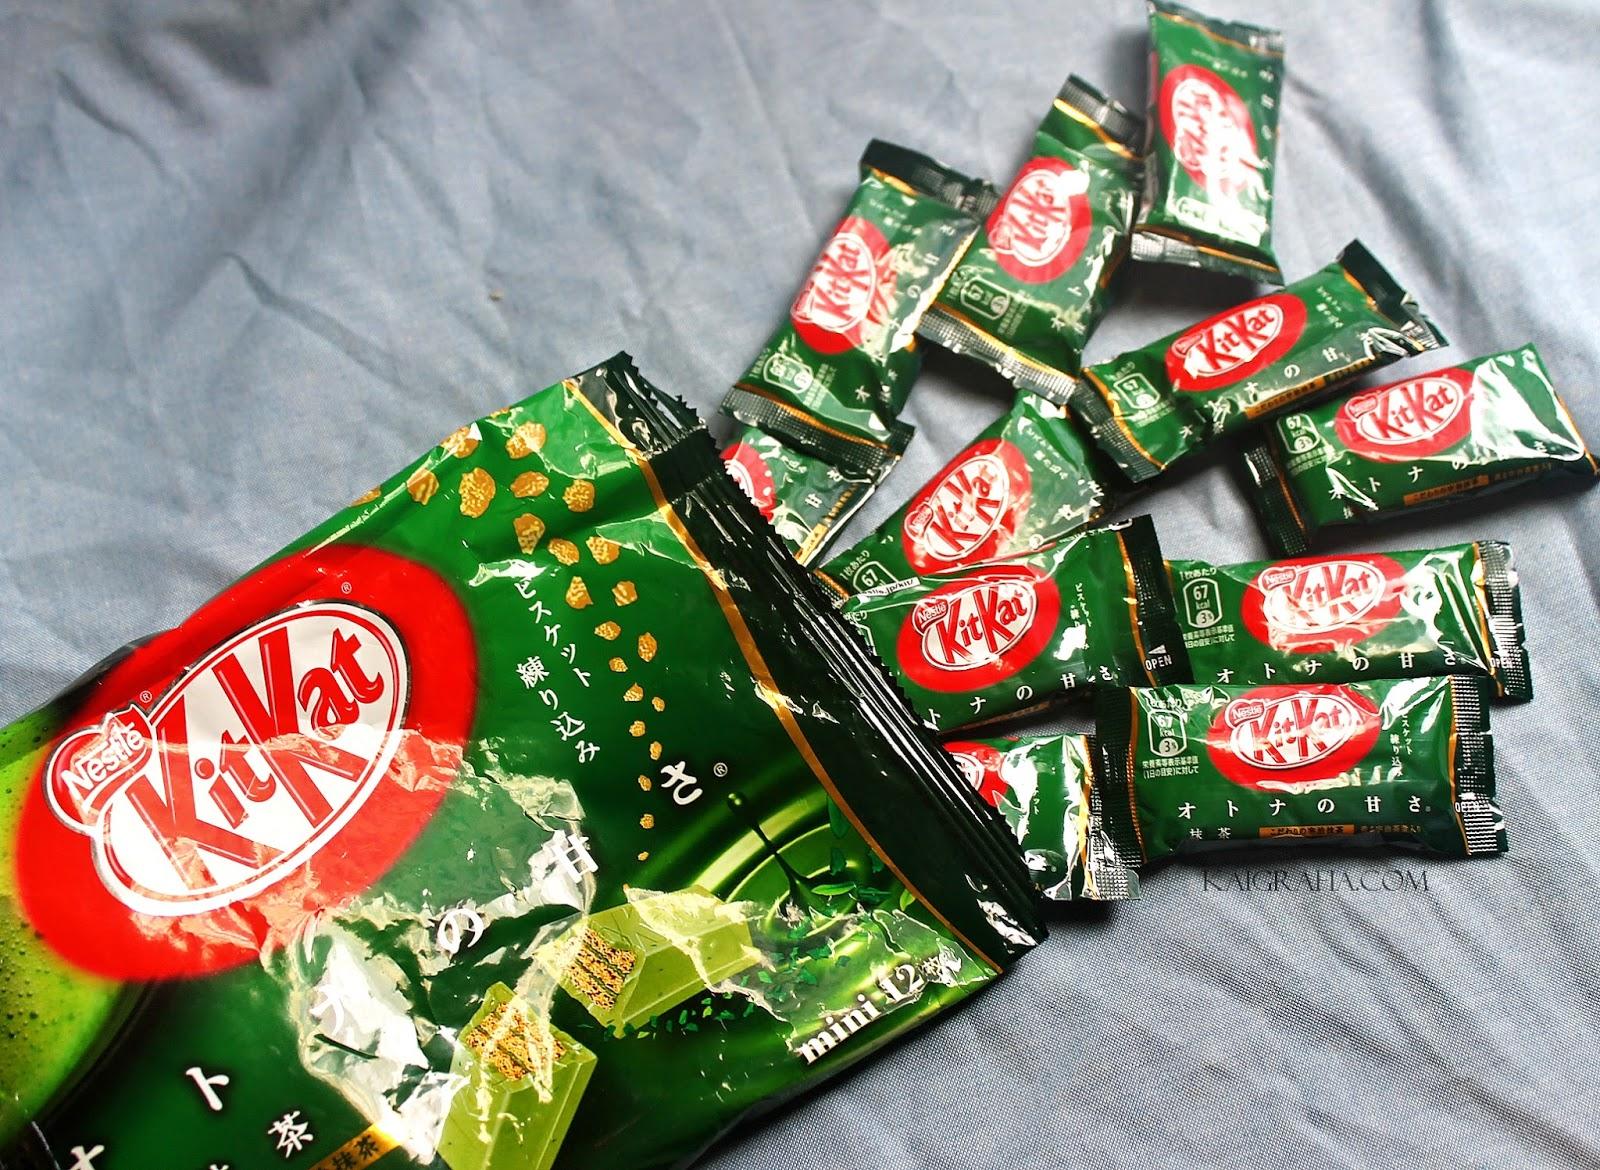 Kitkat Green Tea Mini